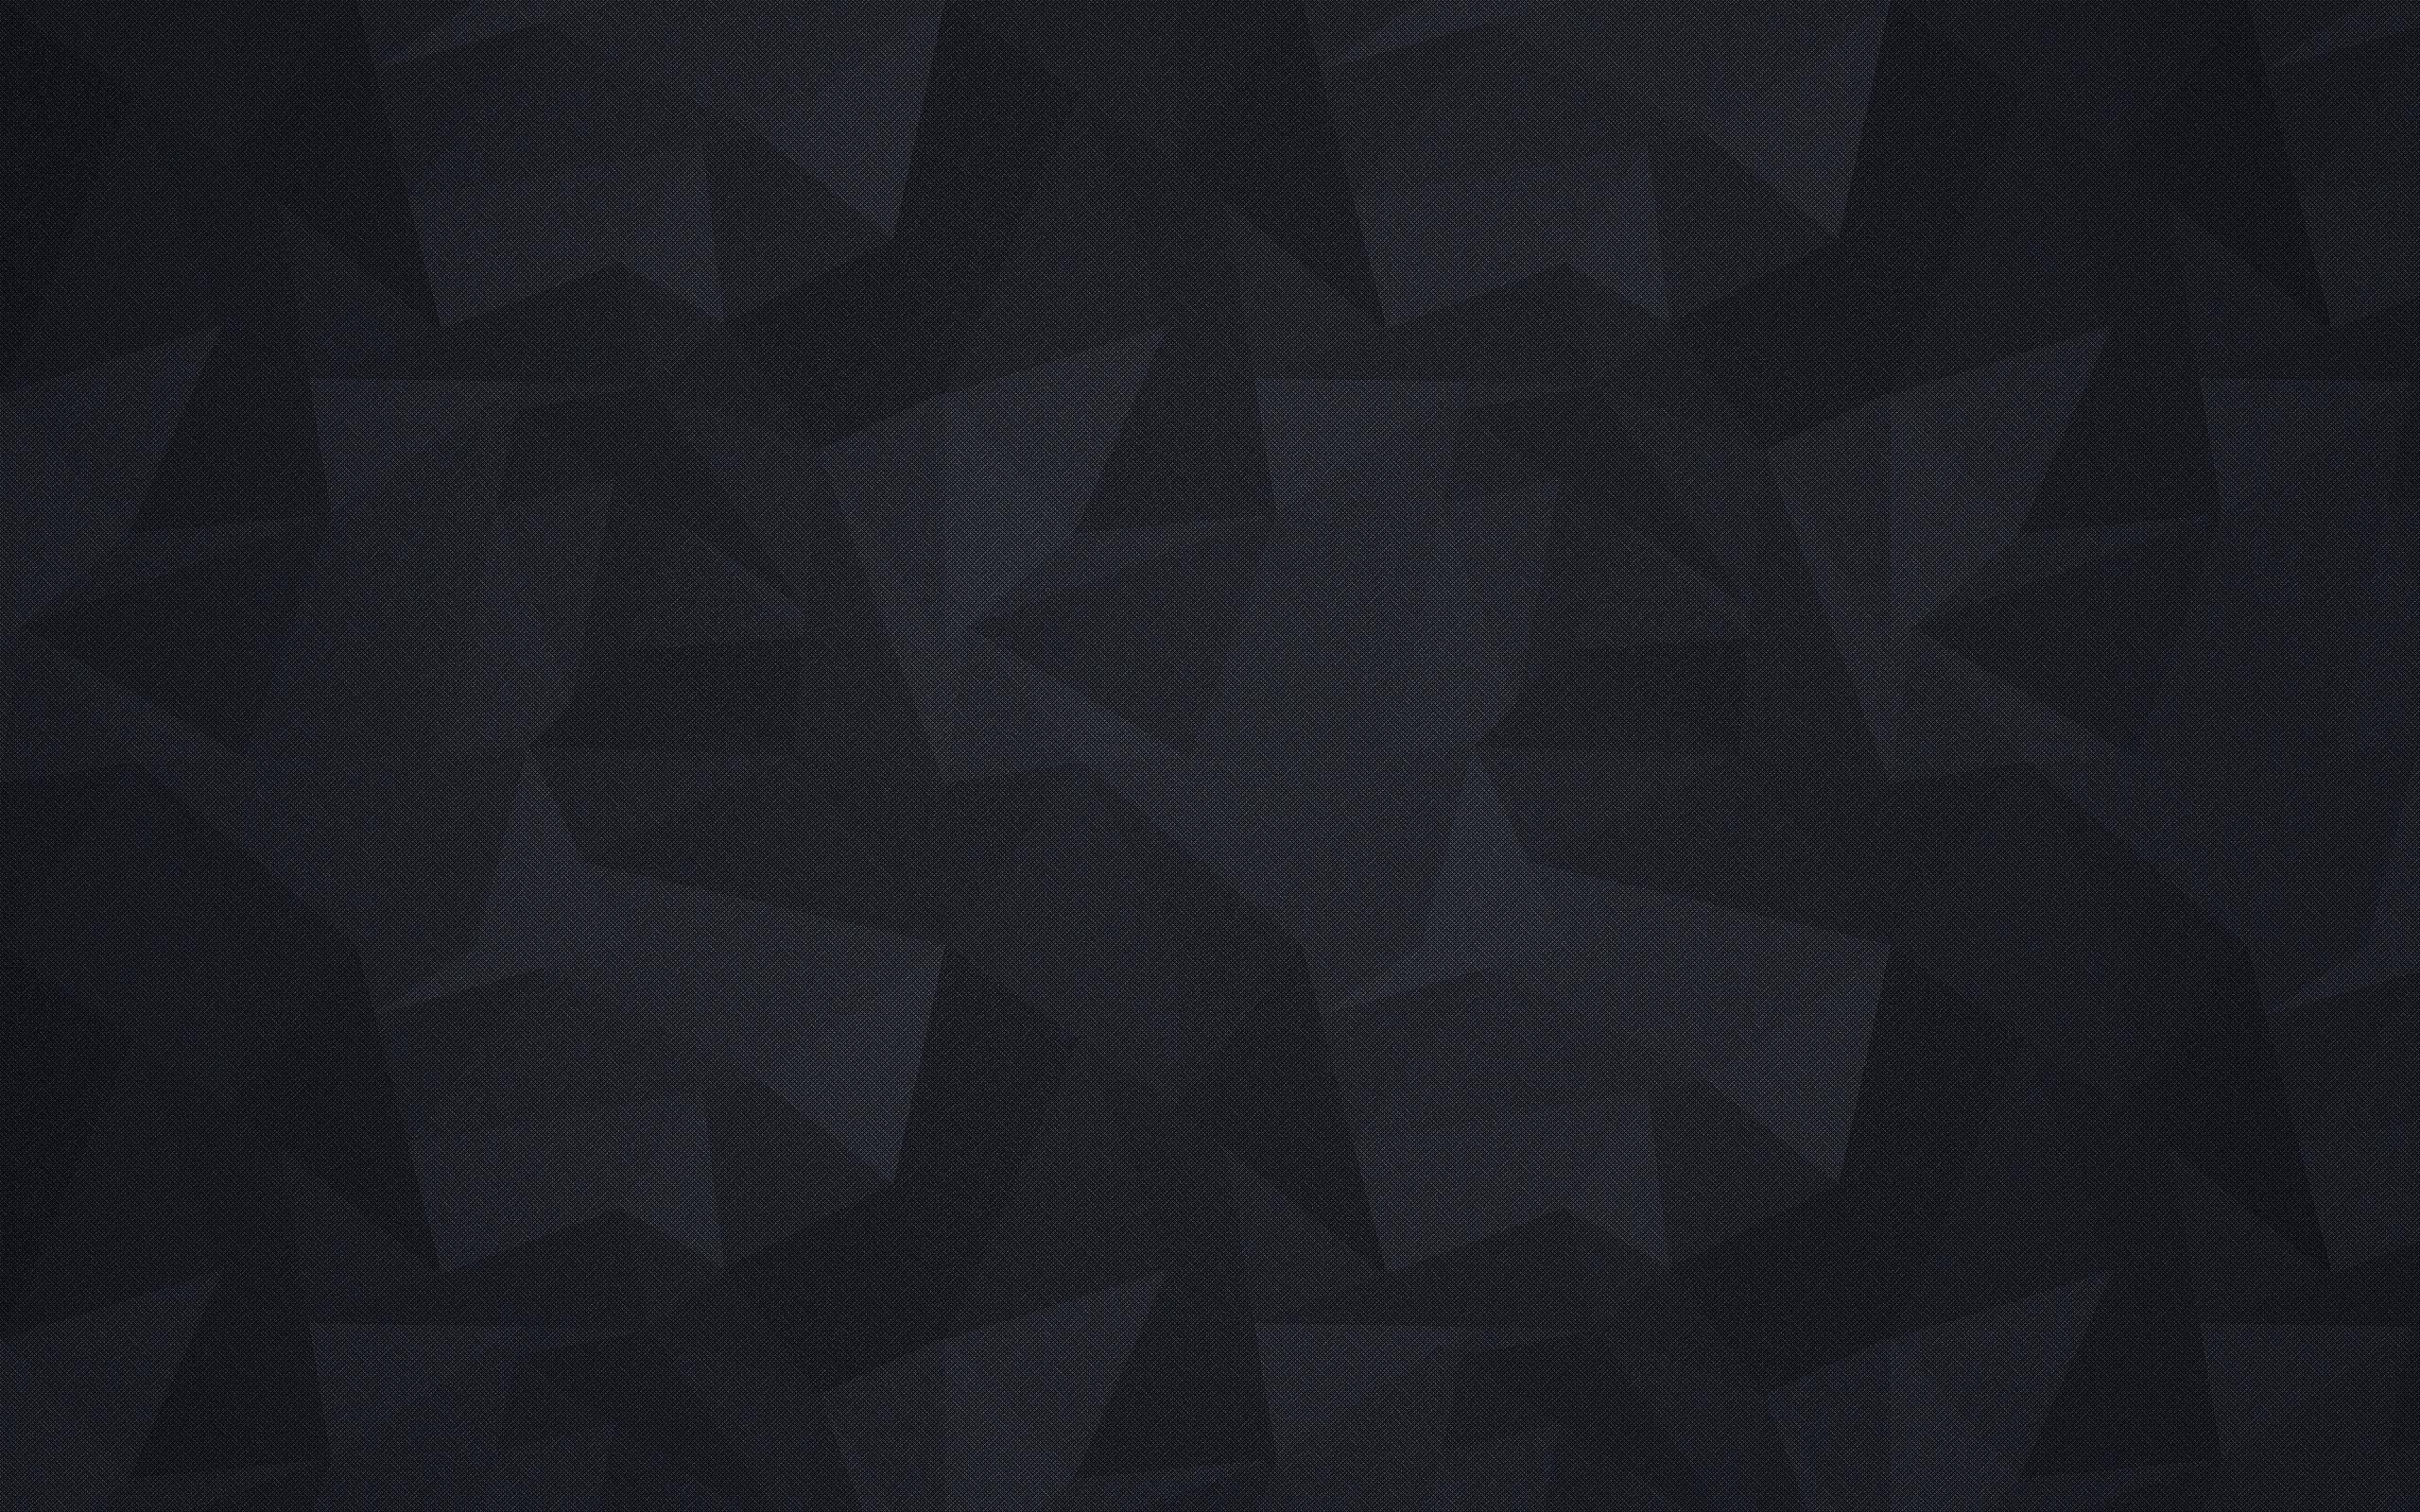 Folds by Delta909, tiragulos, black, gray, dark, angles, abstract, digital art, wallpaper